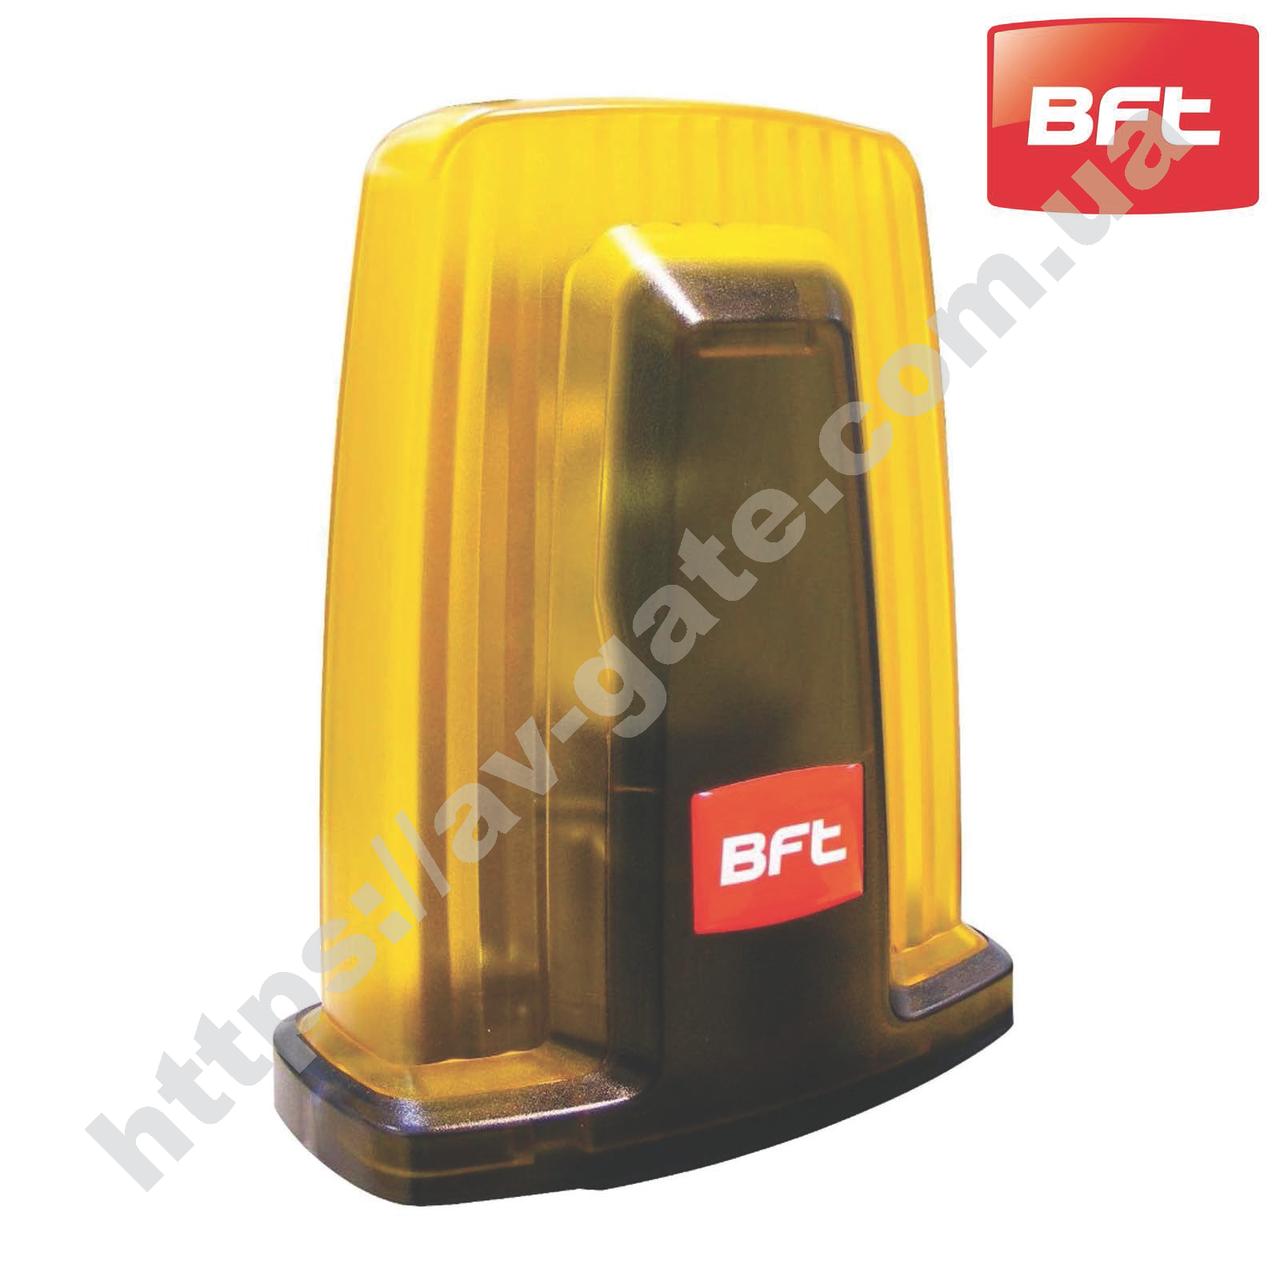 Сигнальная лампа RADIUS B LTA24 BFT (24В)